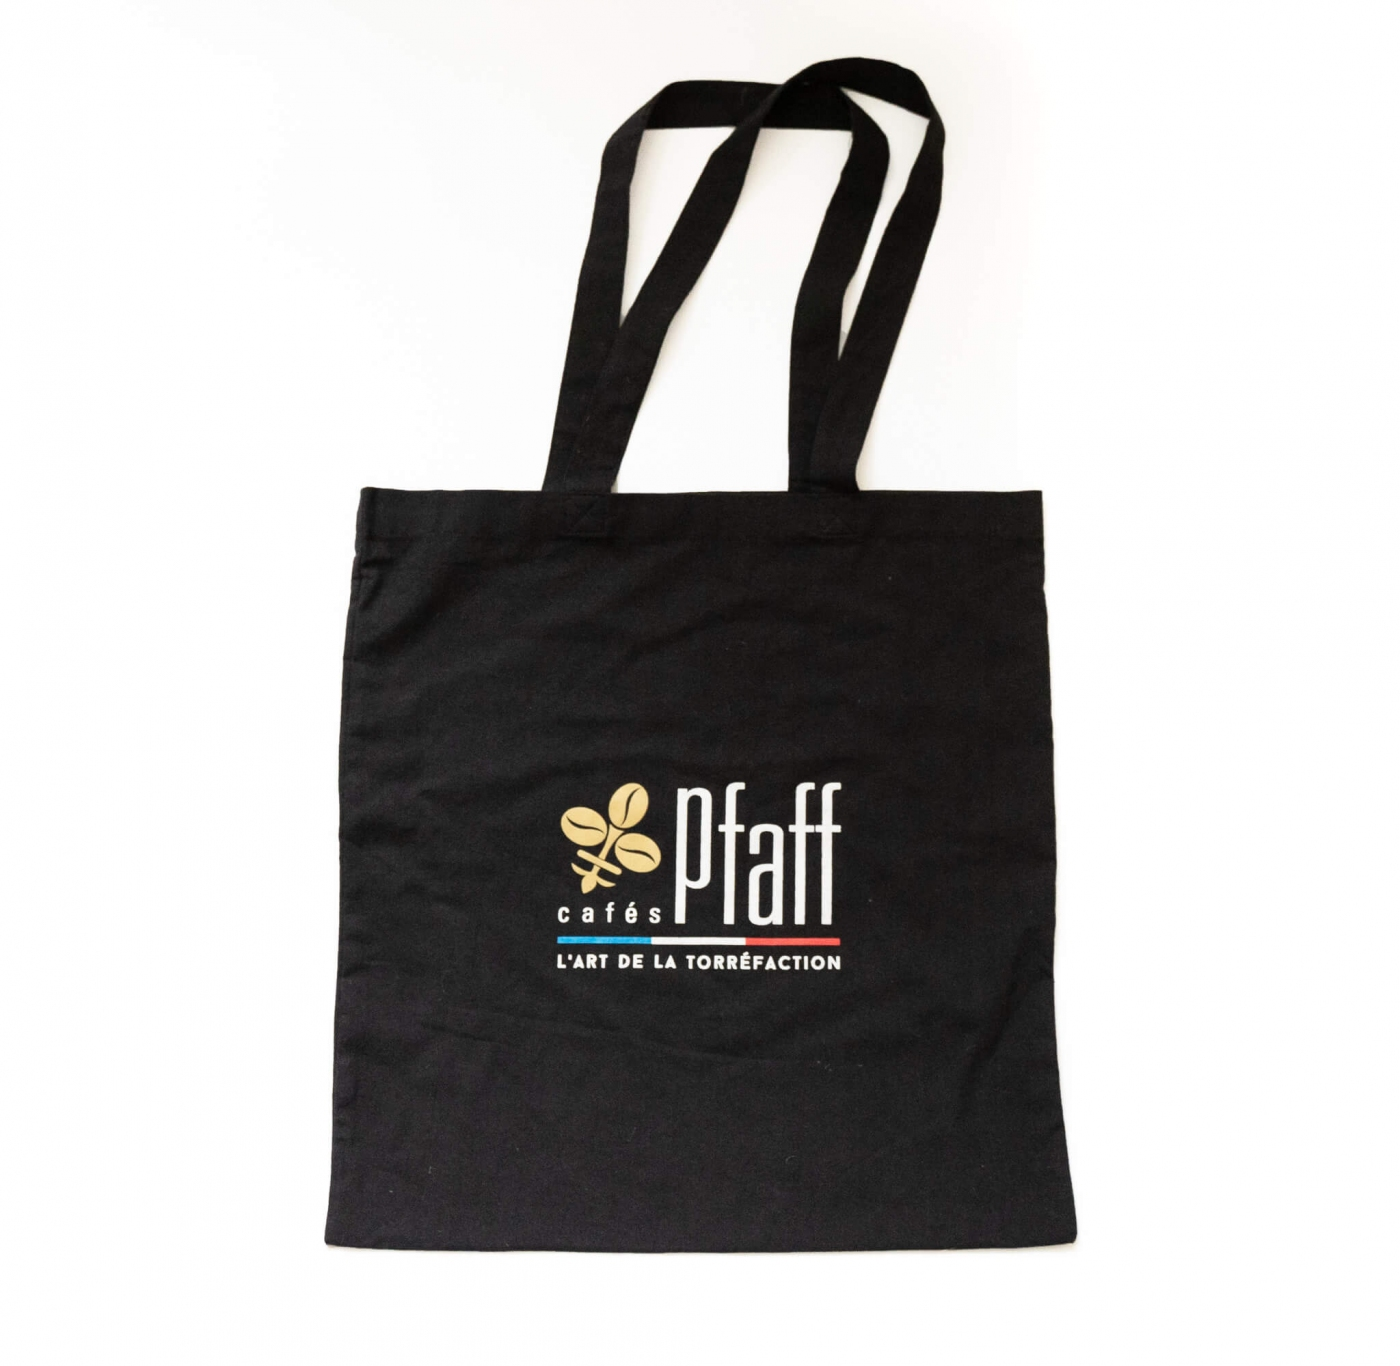 2021 07 27 tote bag noir fond blanc  cafes pfaff